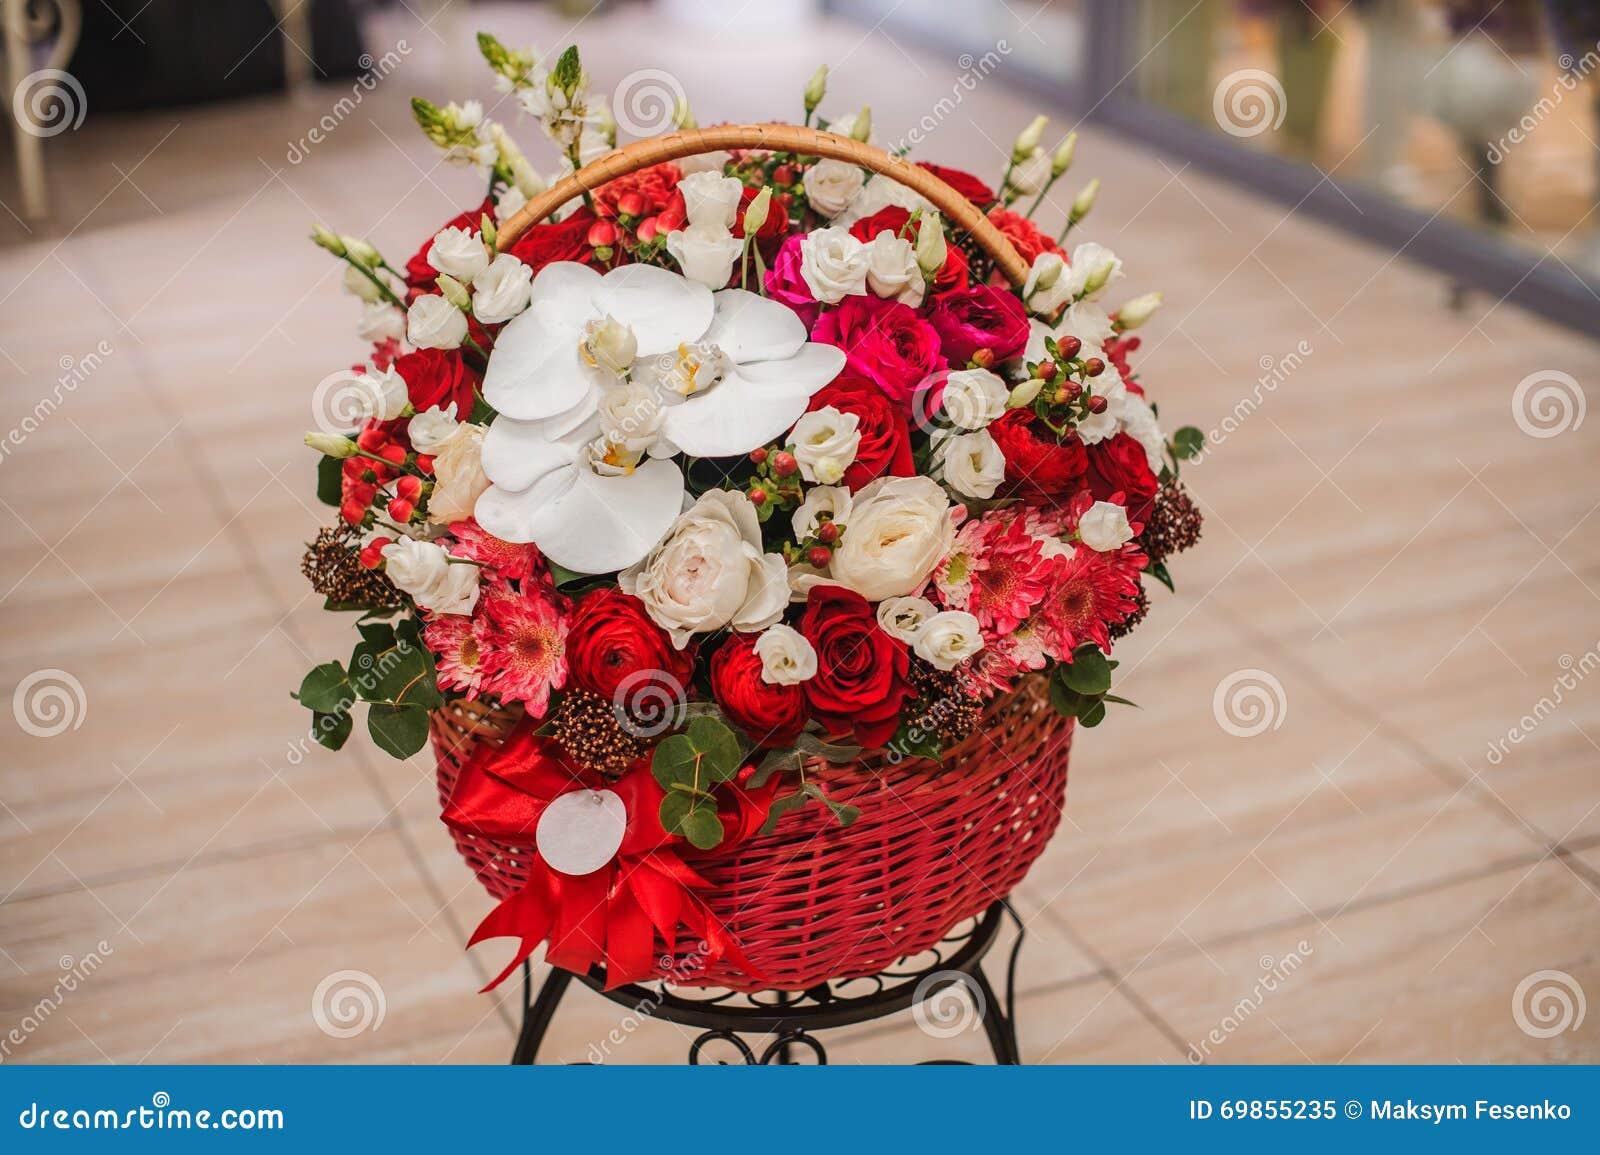 Fleurs Rouges Et Blanches De Beau Bouquet Dans La Boite Image Stock